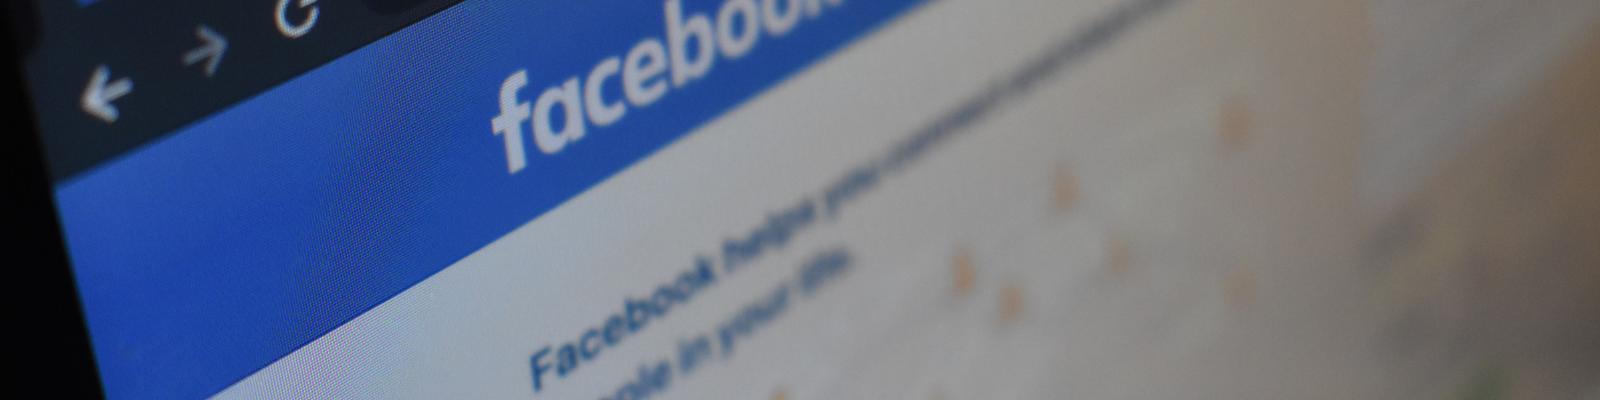 facebook brand lift